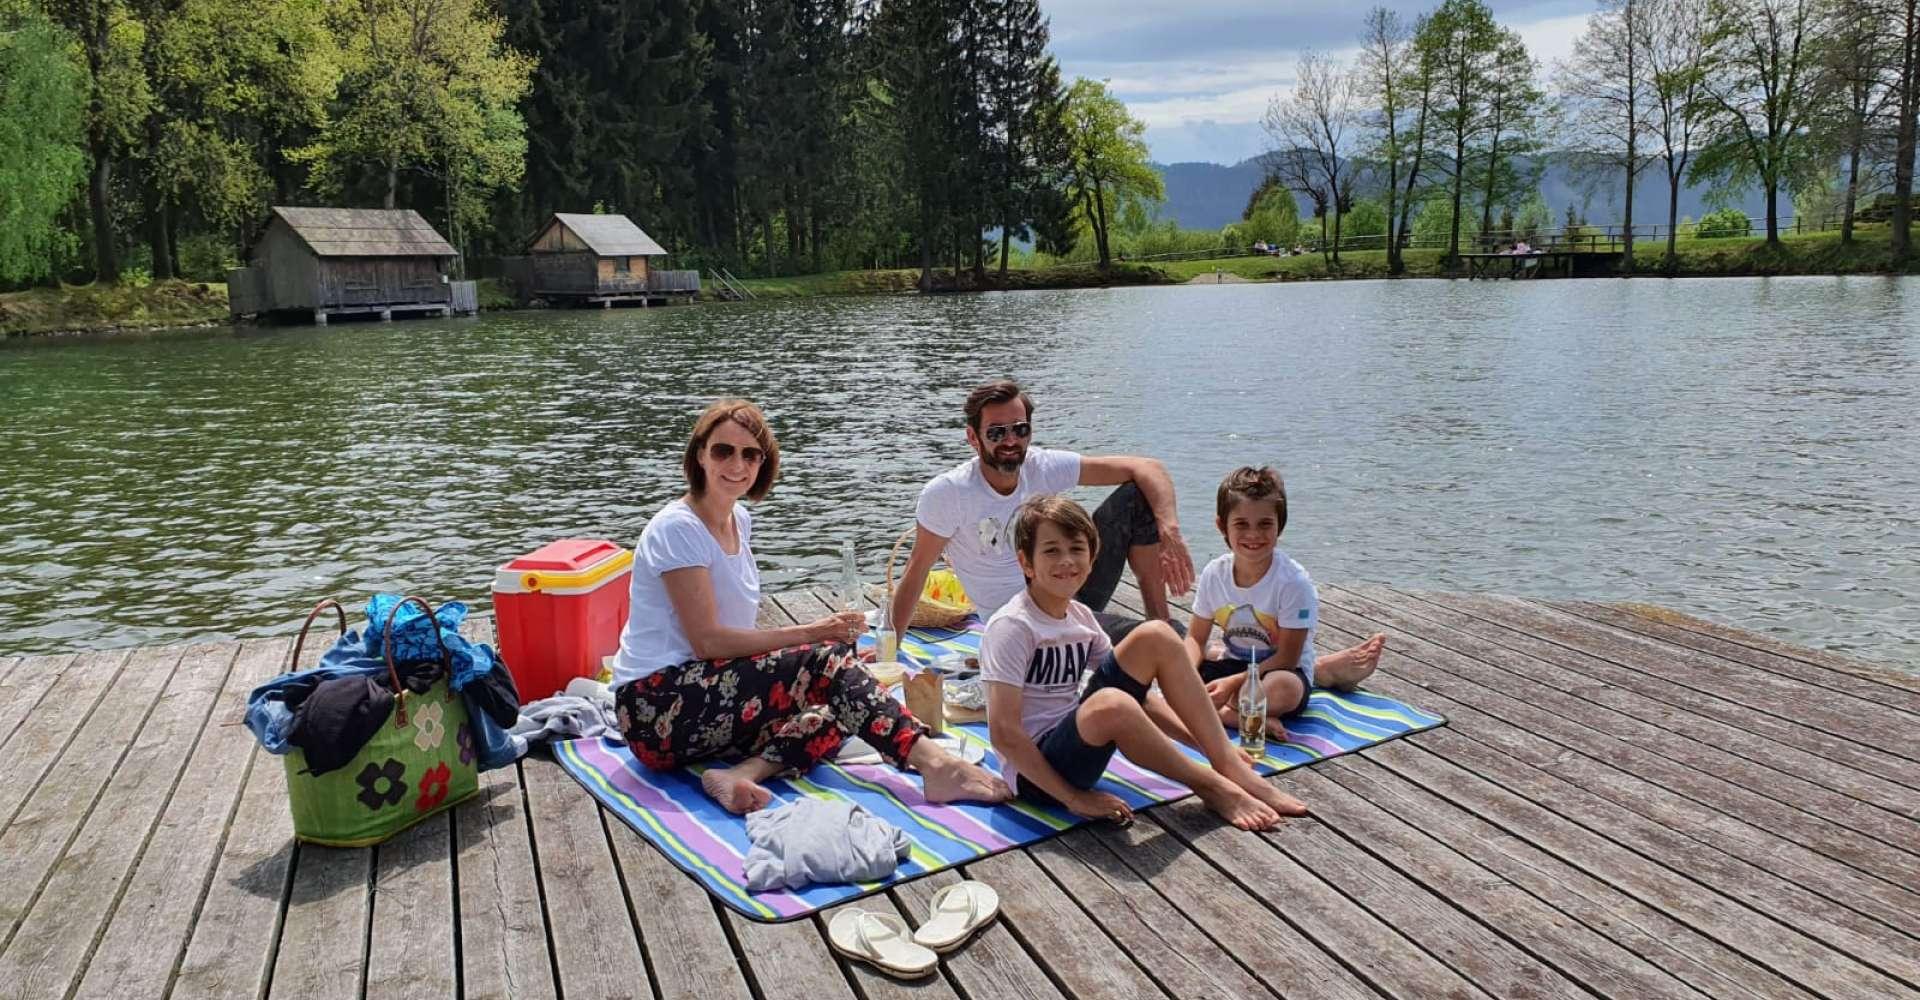 <p>Wohl einer der schönsten Plätze im Murtal für ein Picknick, der Weiermoarteich! </p> Copyright: